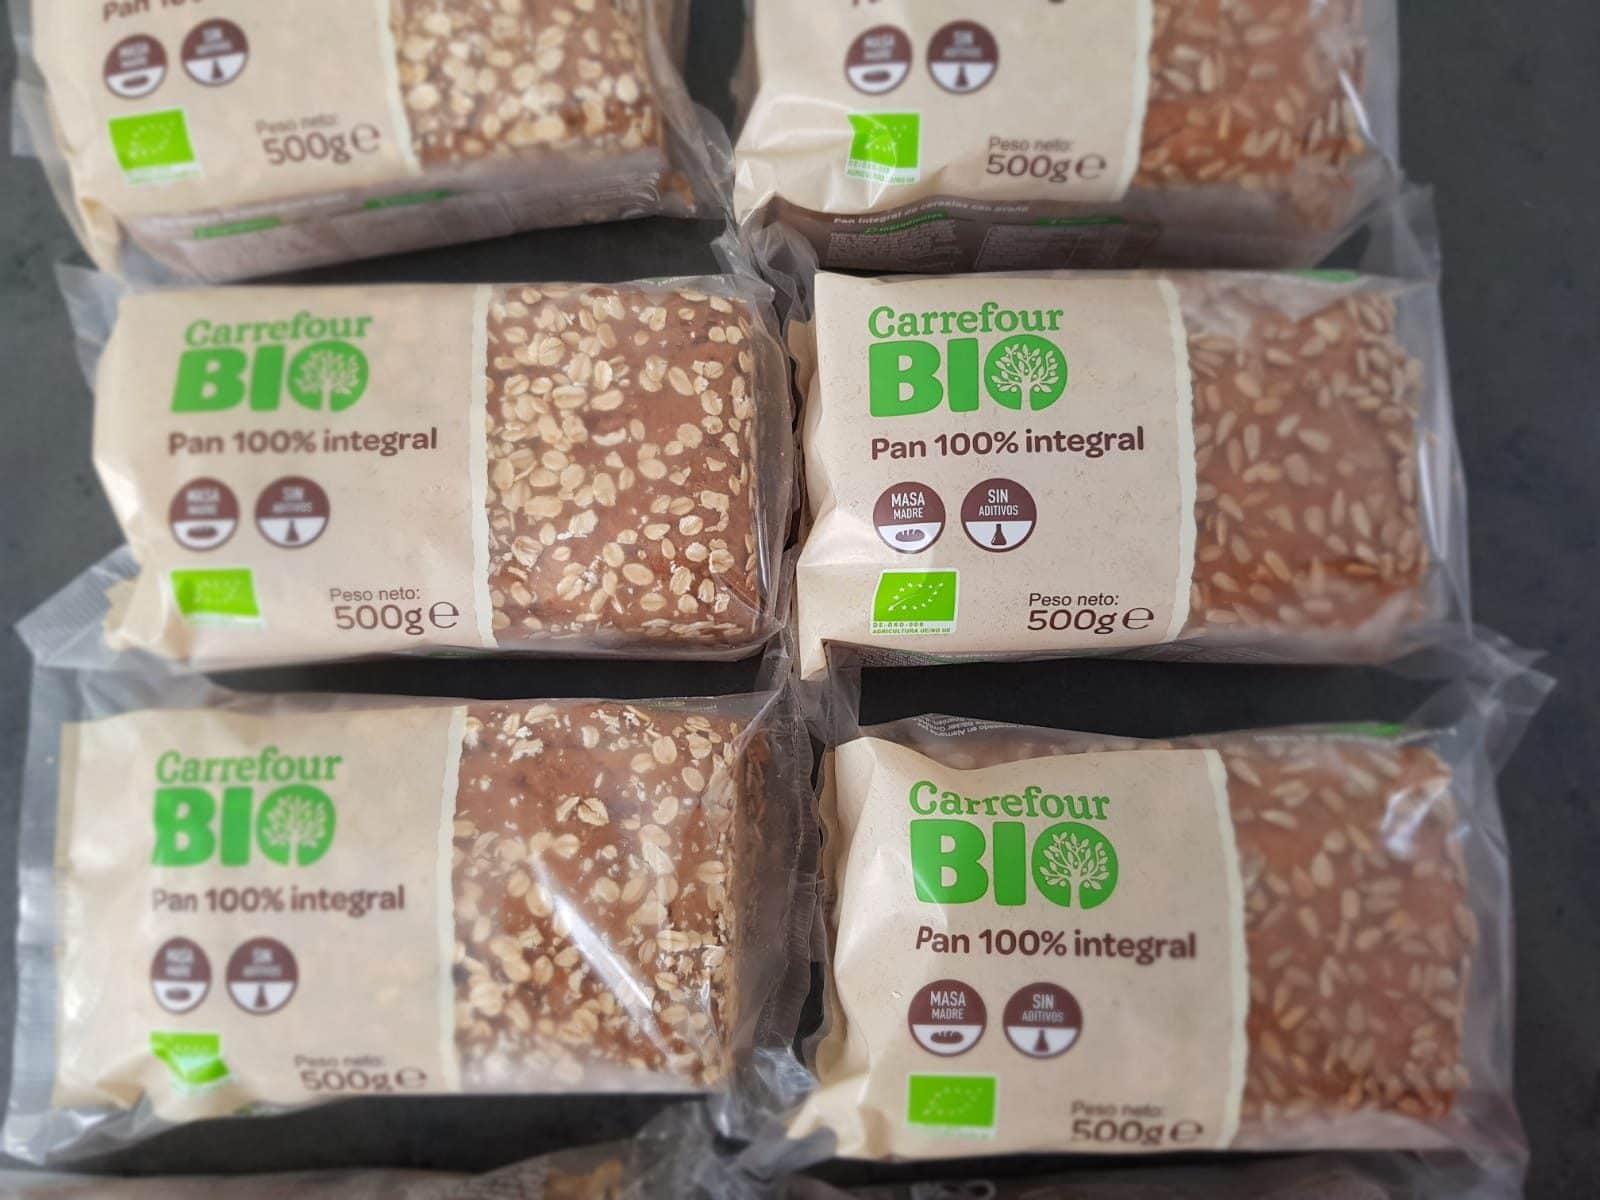 Nueva línea de productos ecológicos Fricopan en carrefour